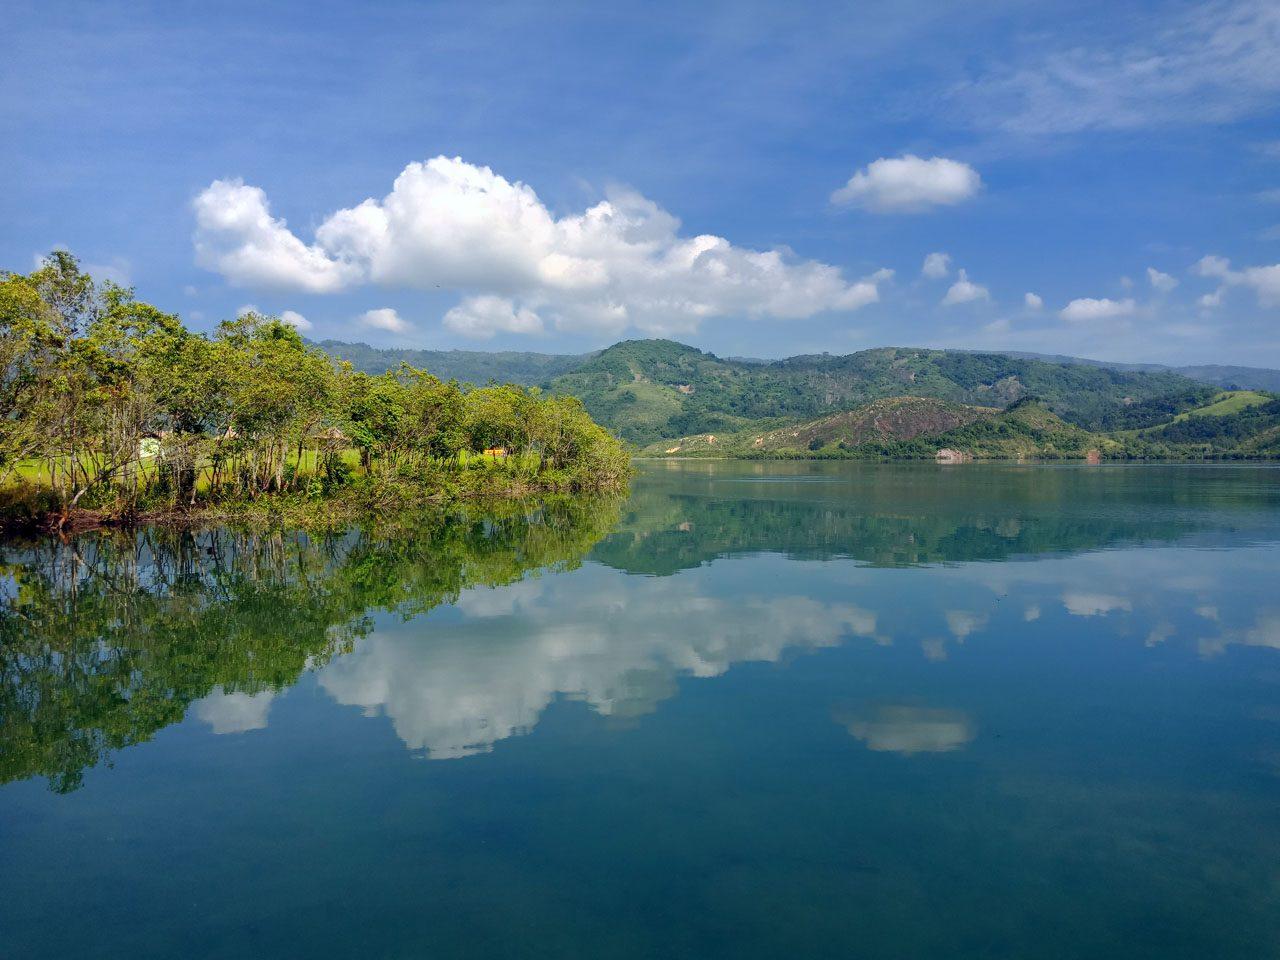 Danau Asam - Suoh Lampung Barat - Yopie Pangkey - 11